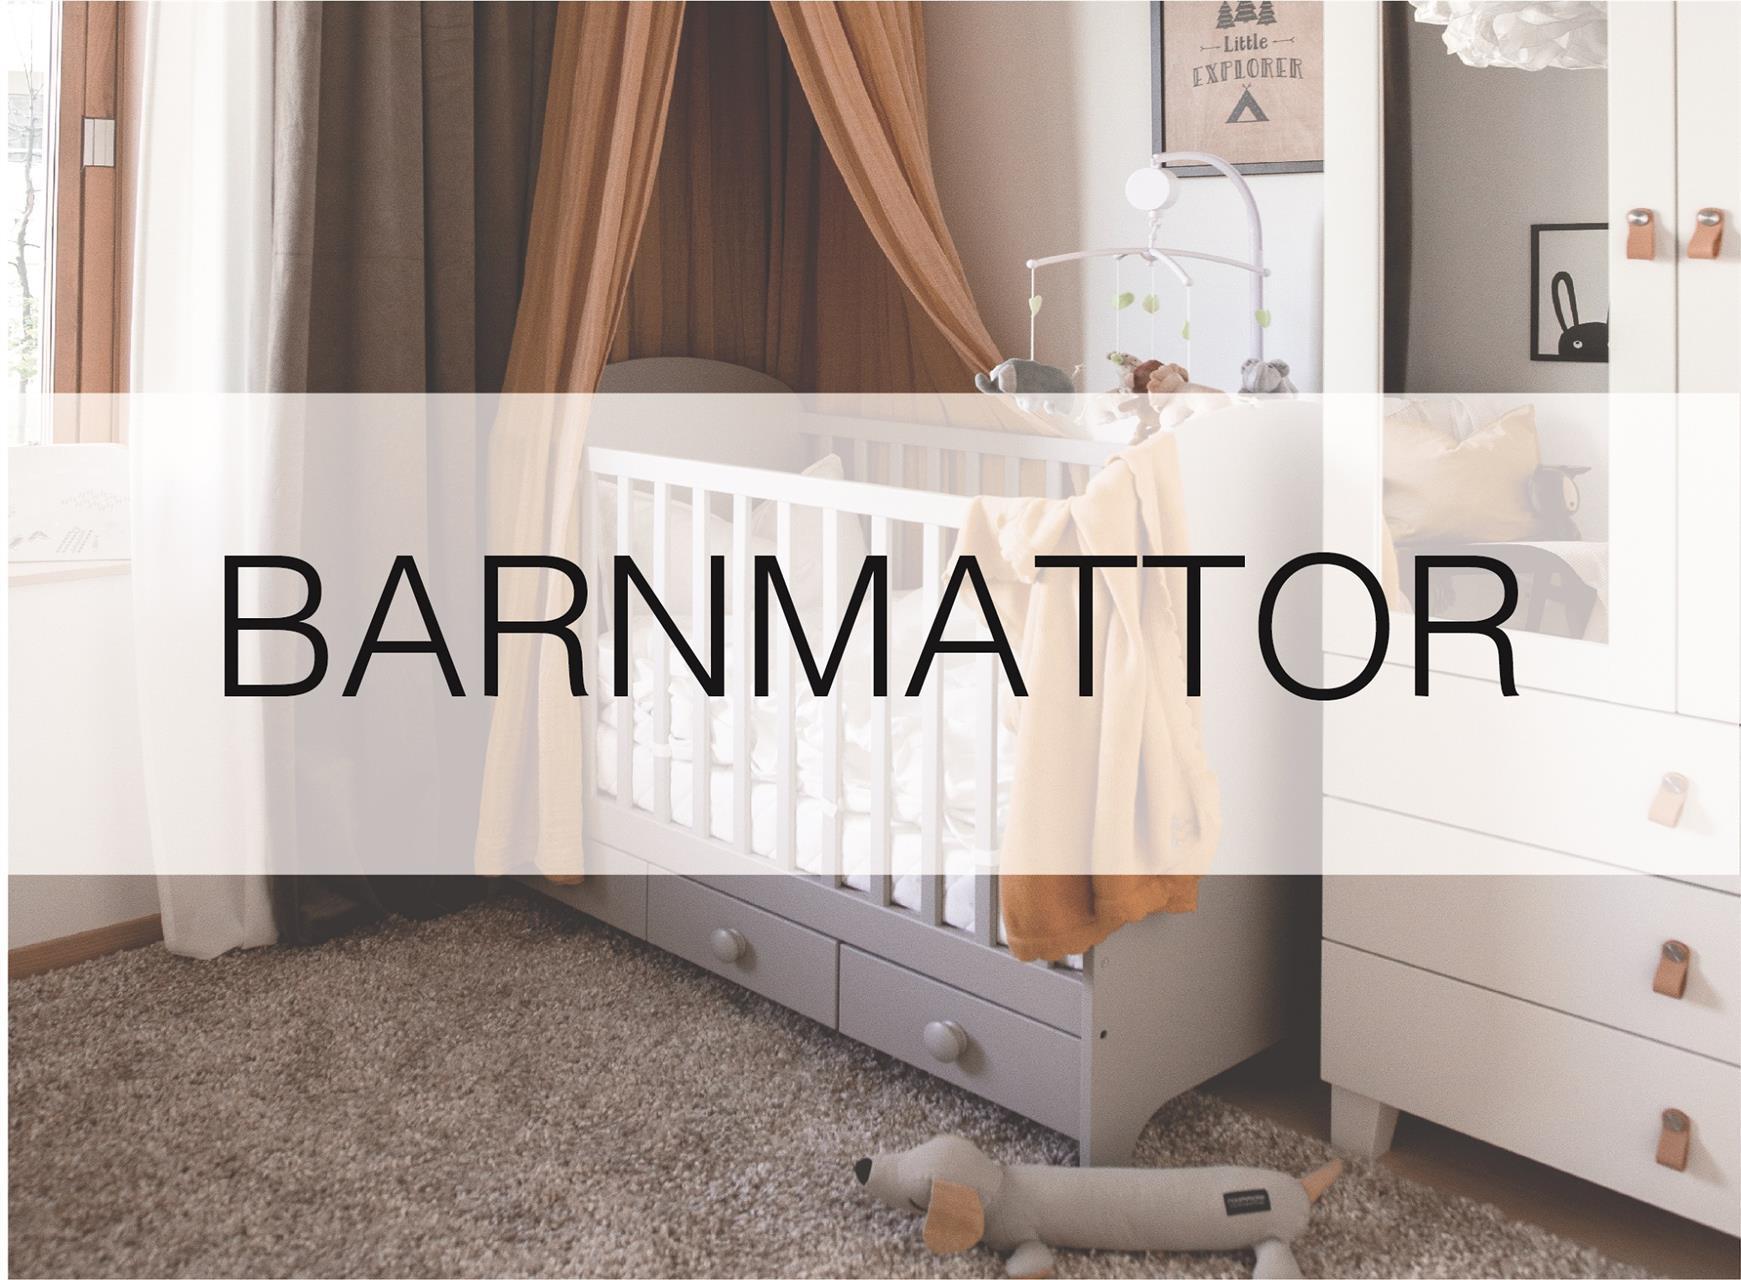 Barnmattor